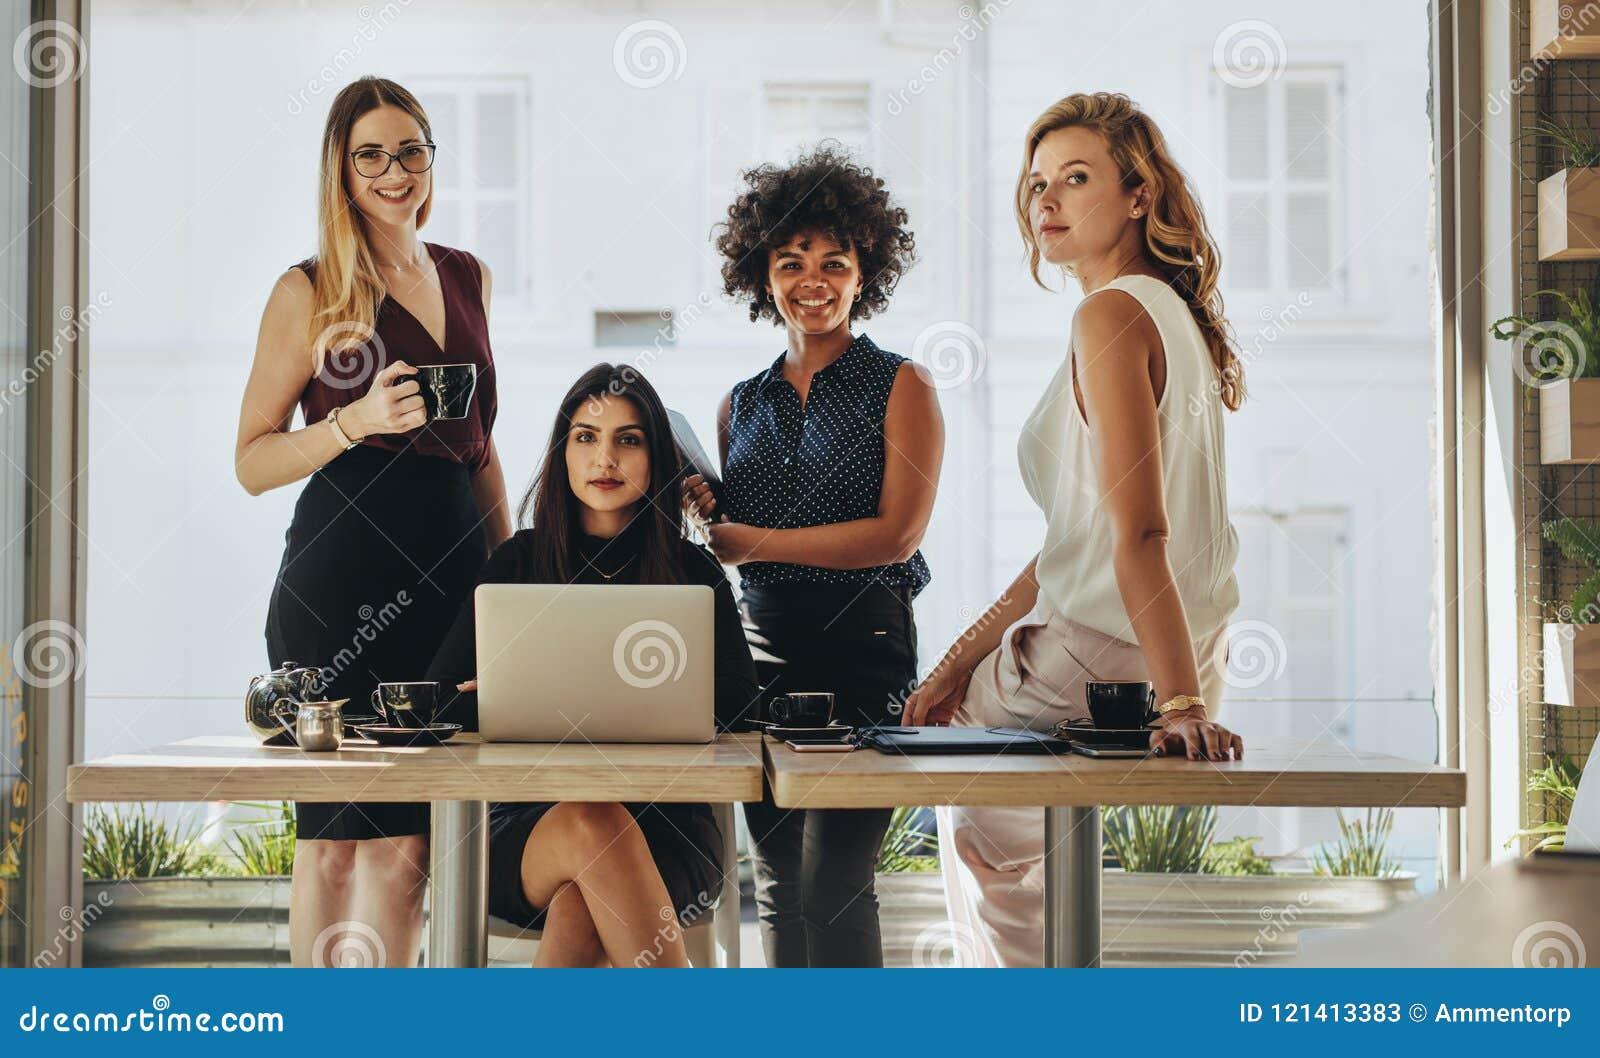 Retrato de empresarias multi-étnicas junto